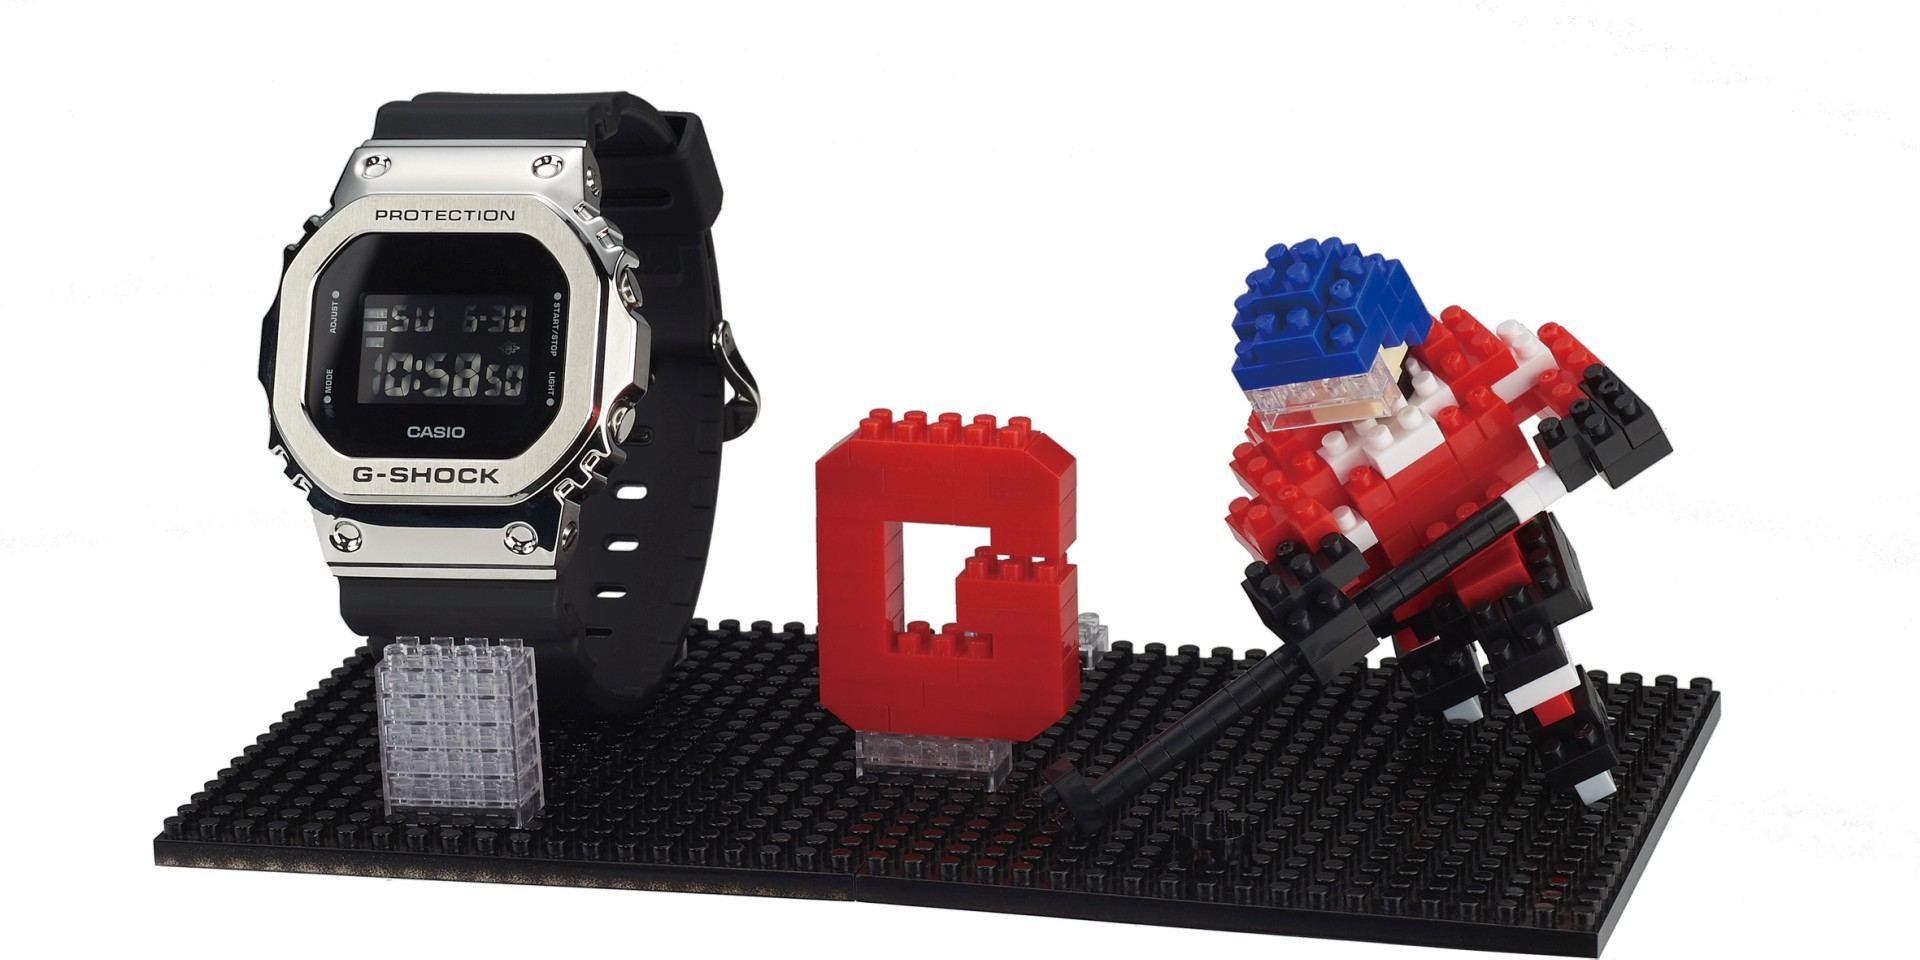 最強悍腕錶與最迷你的積木超強聯名:買G-SHOCK GM-5600系列錶款可獲贈nanoblock聯名迷你積木